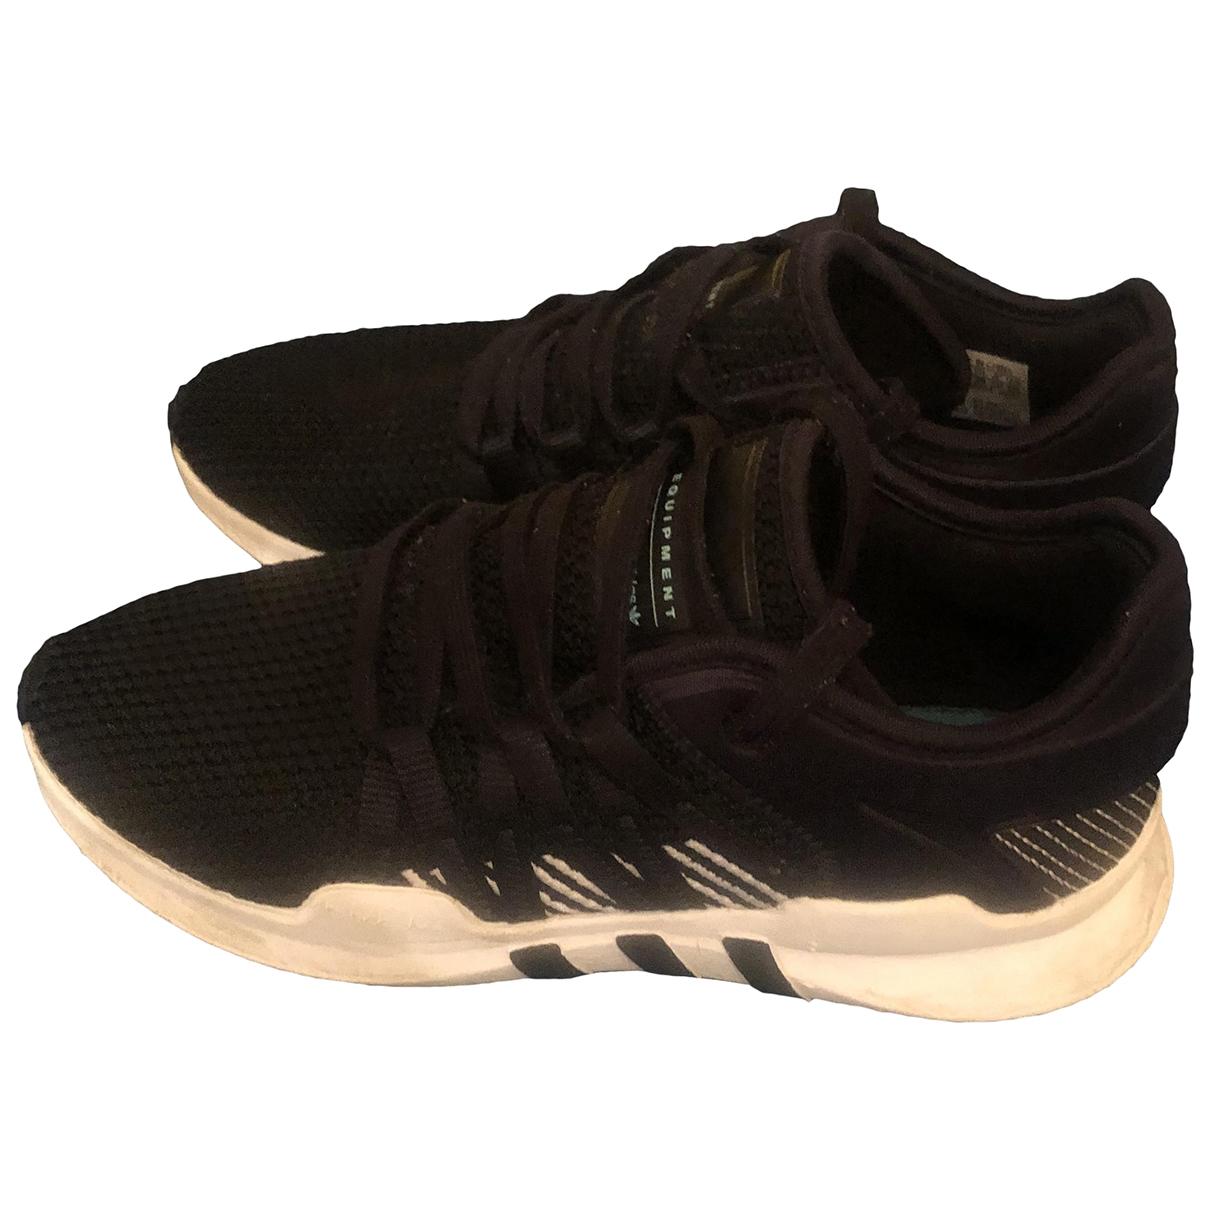 Adidas - Baskets EQT Support pour femme en cuir - noir